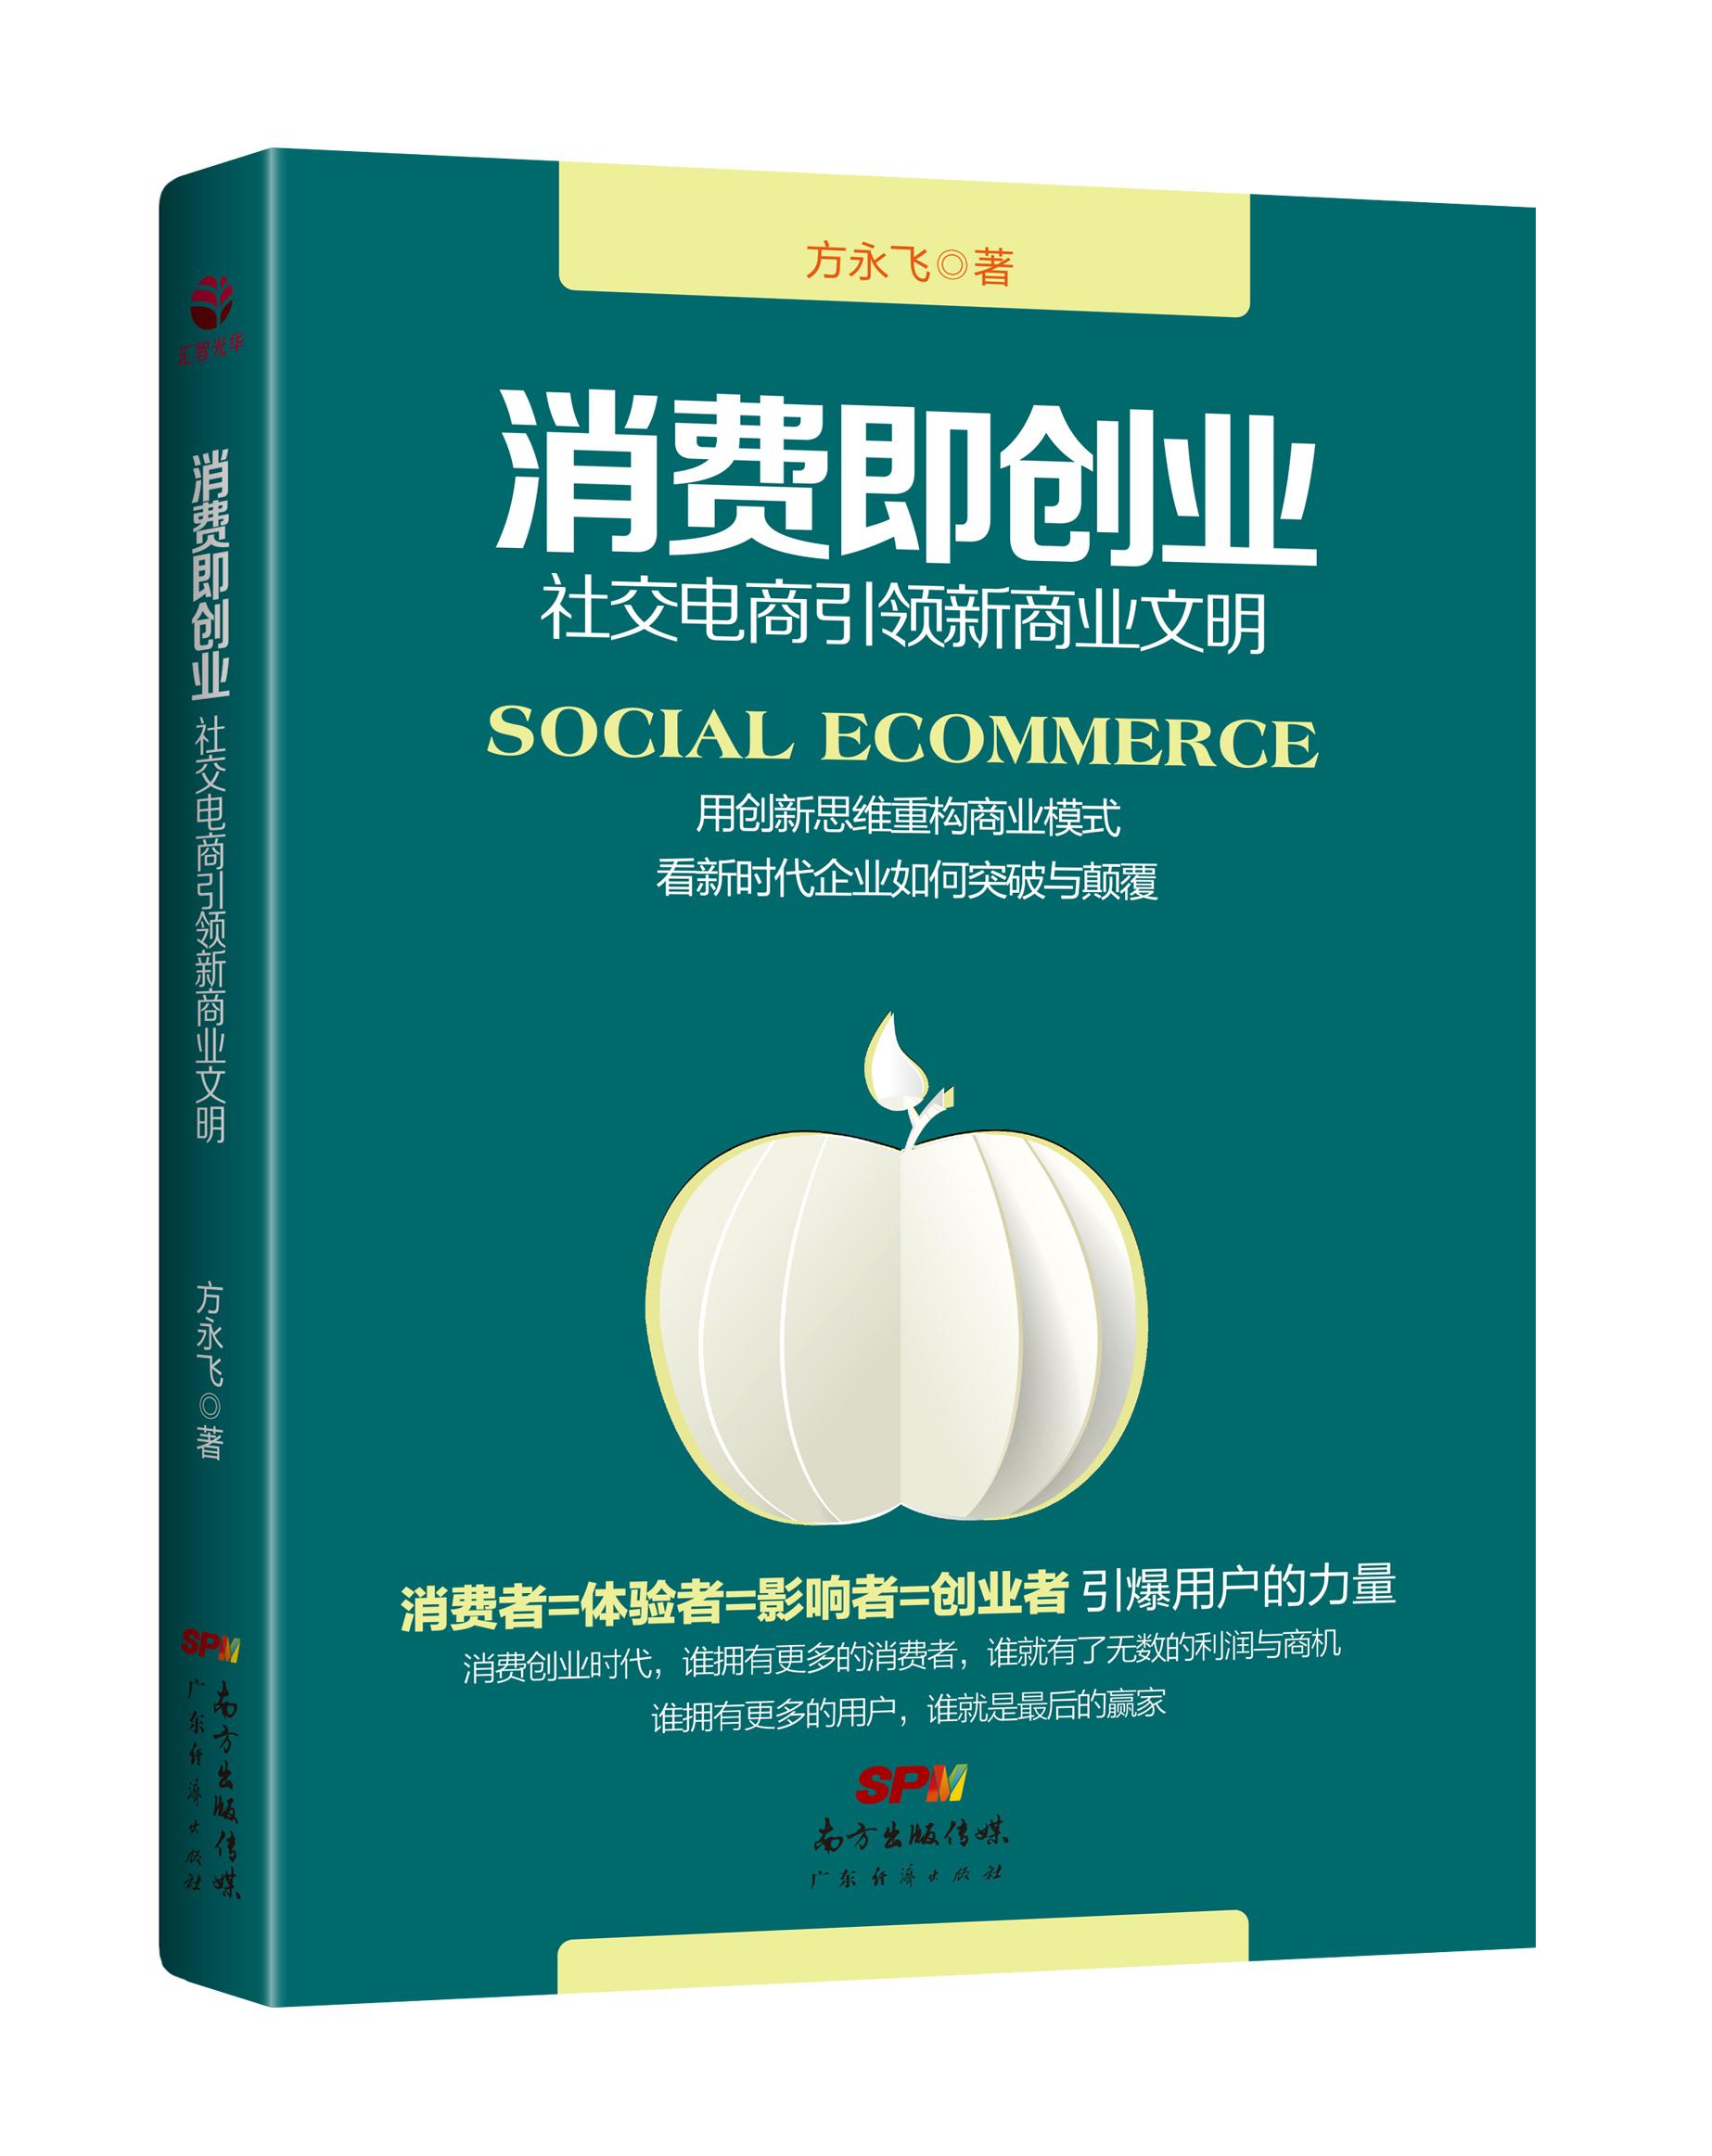 消费即创业--社交电商引领新商业文明